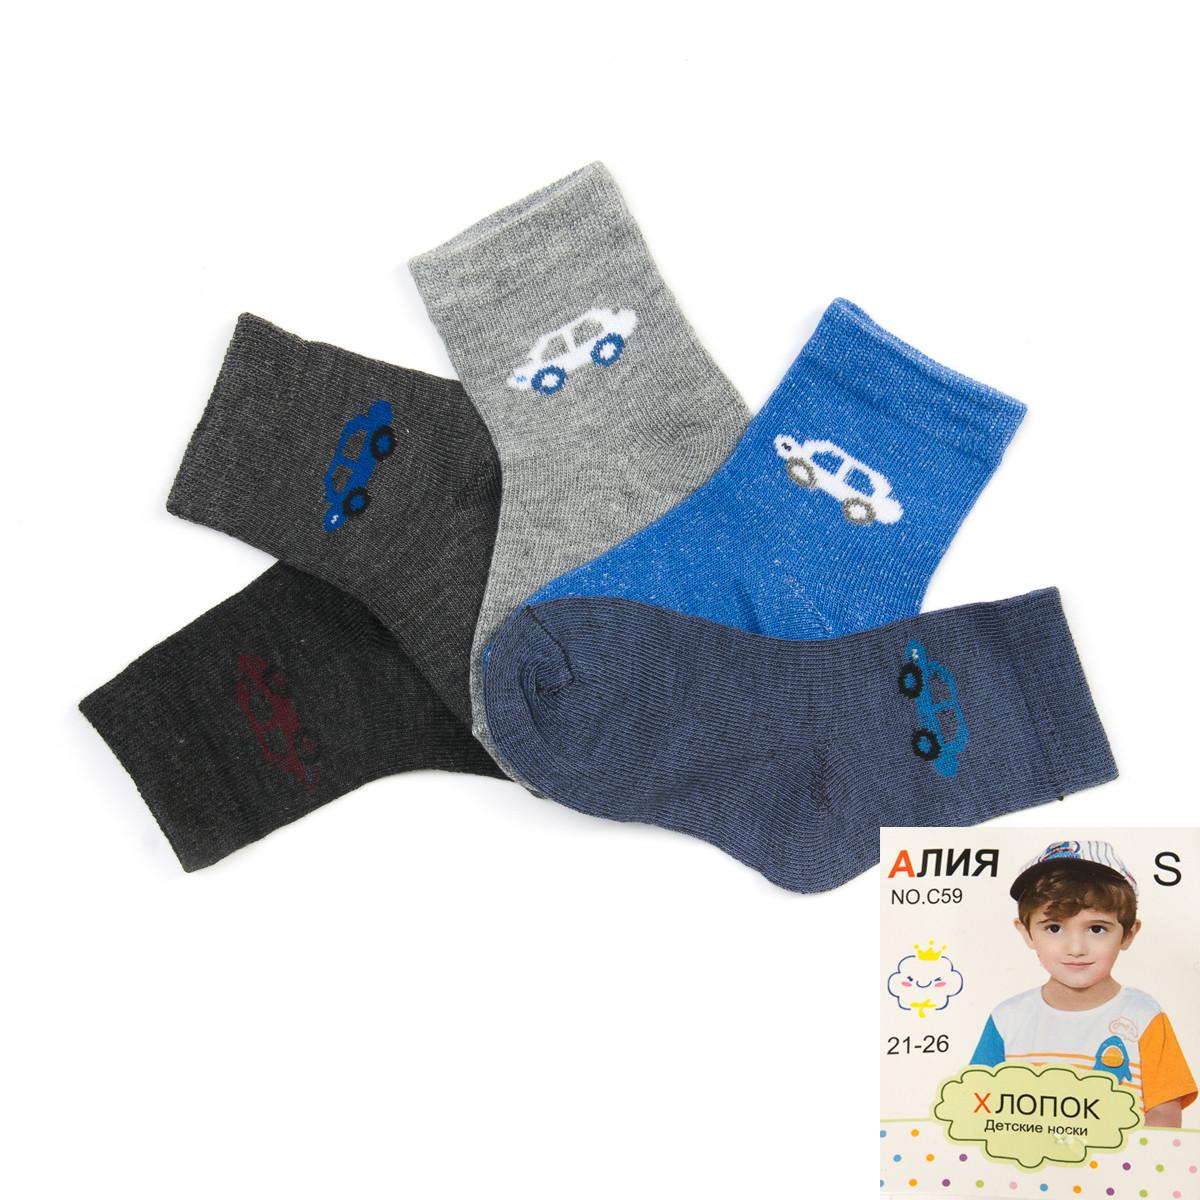 Носки детские для мальчиков Алия C59